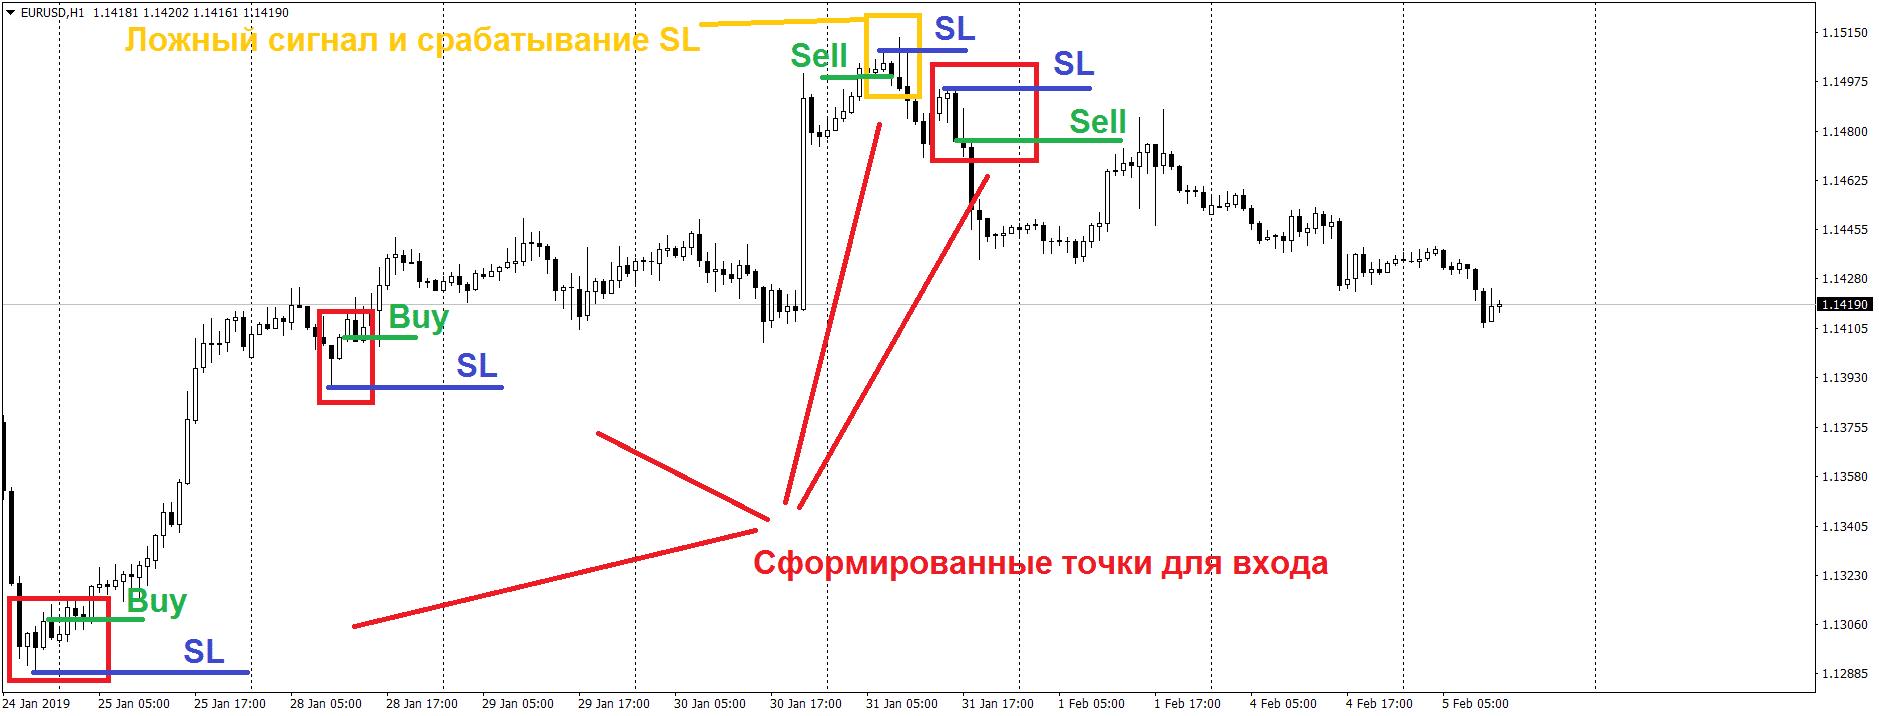 Примеры входов в рынок на Форекс